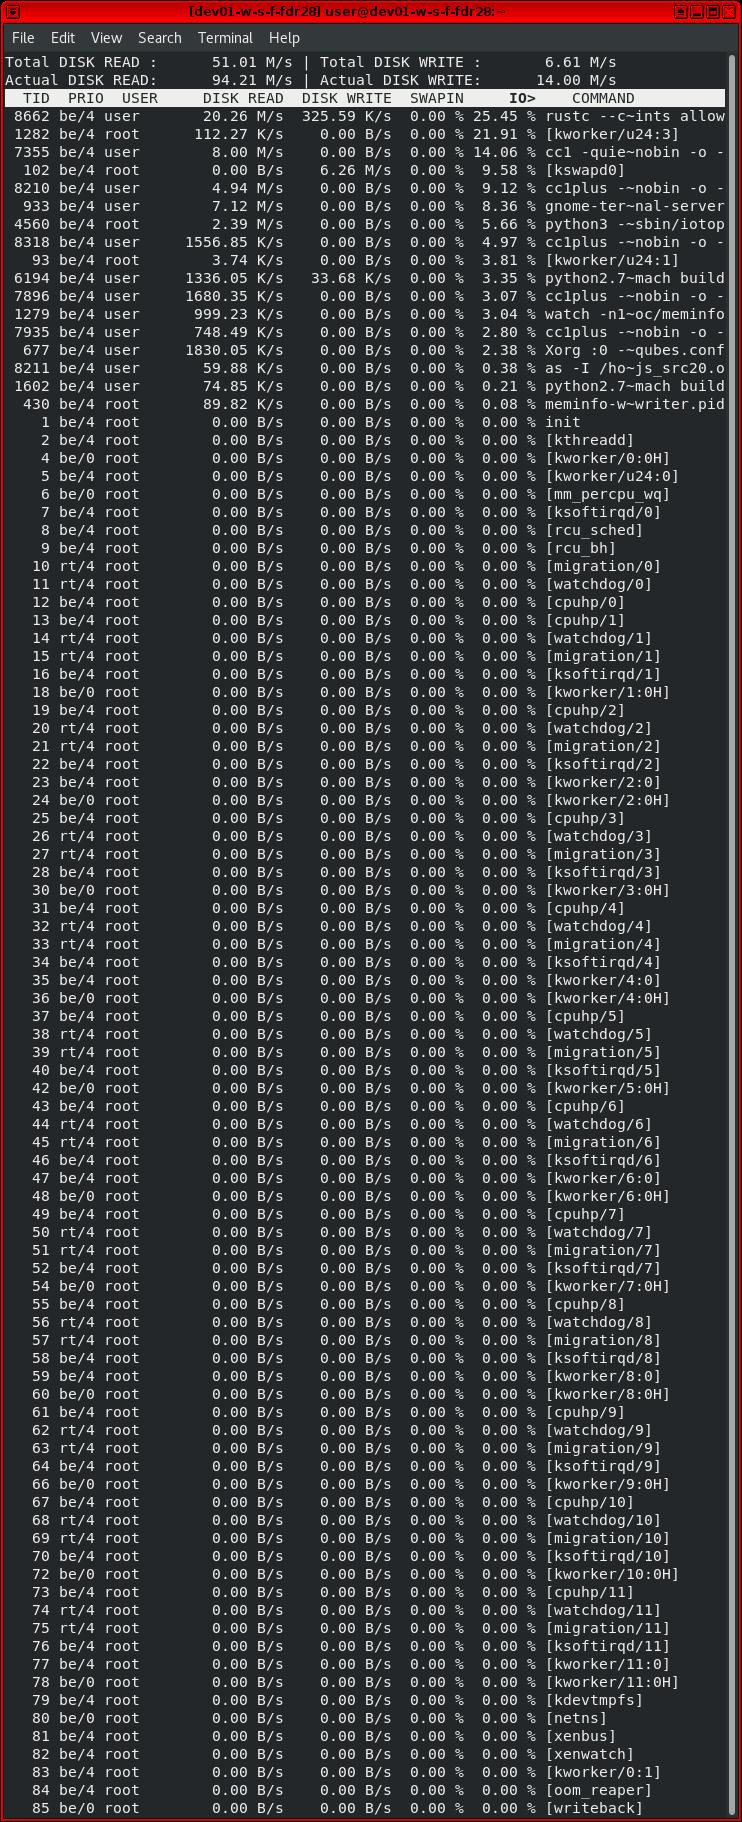 2frozen_iotop_screenshot_2018-08-19_12-29-26